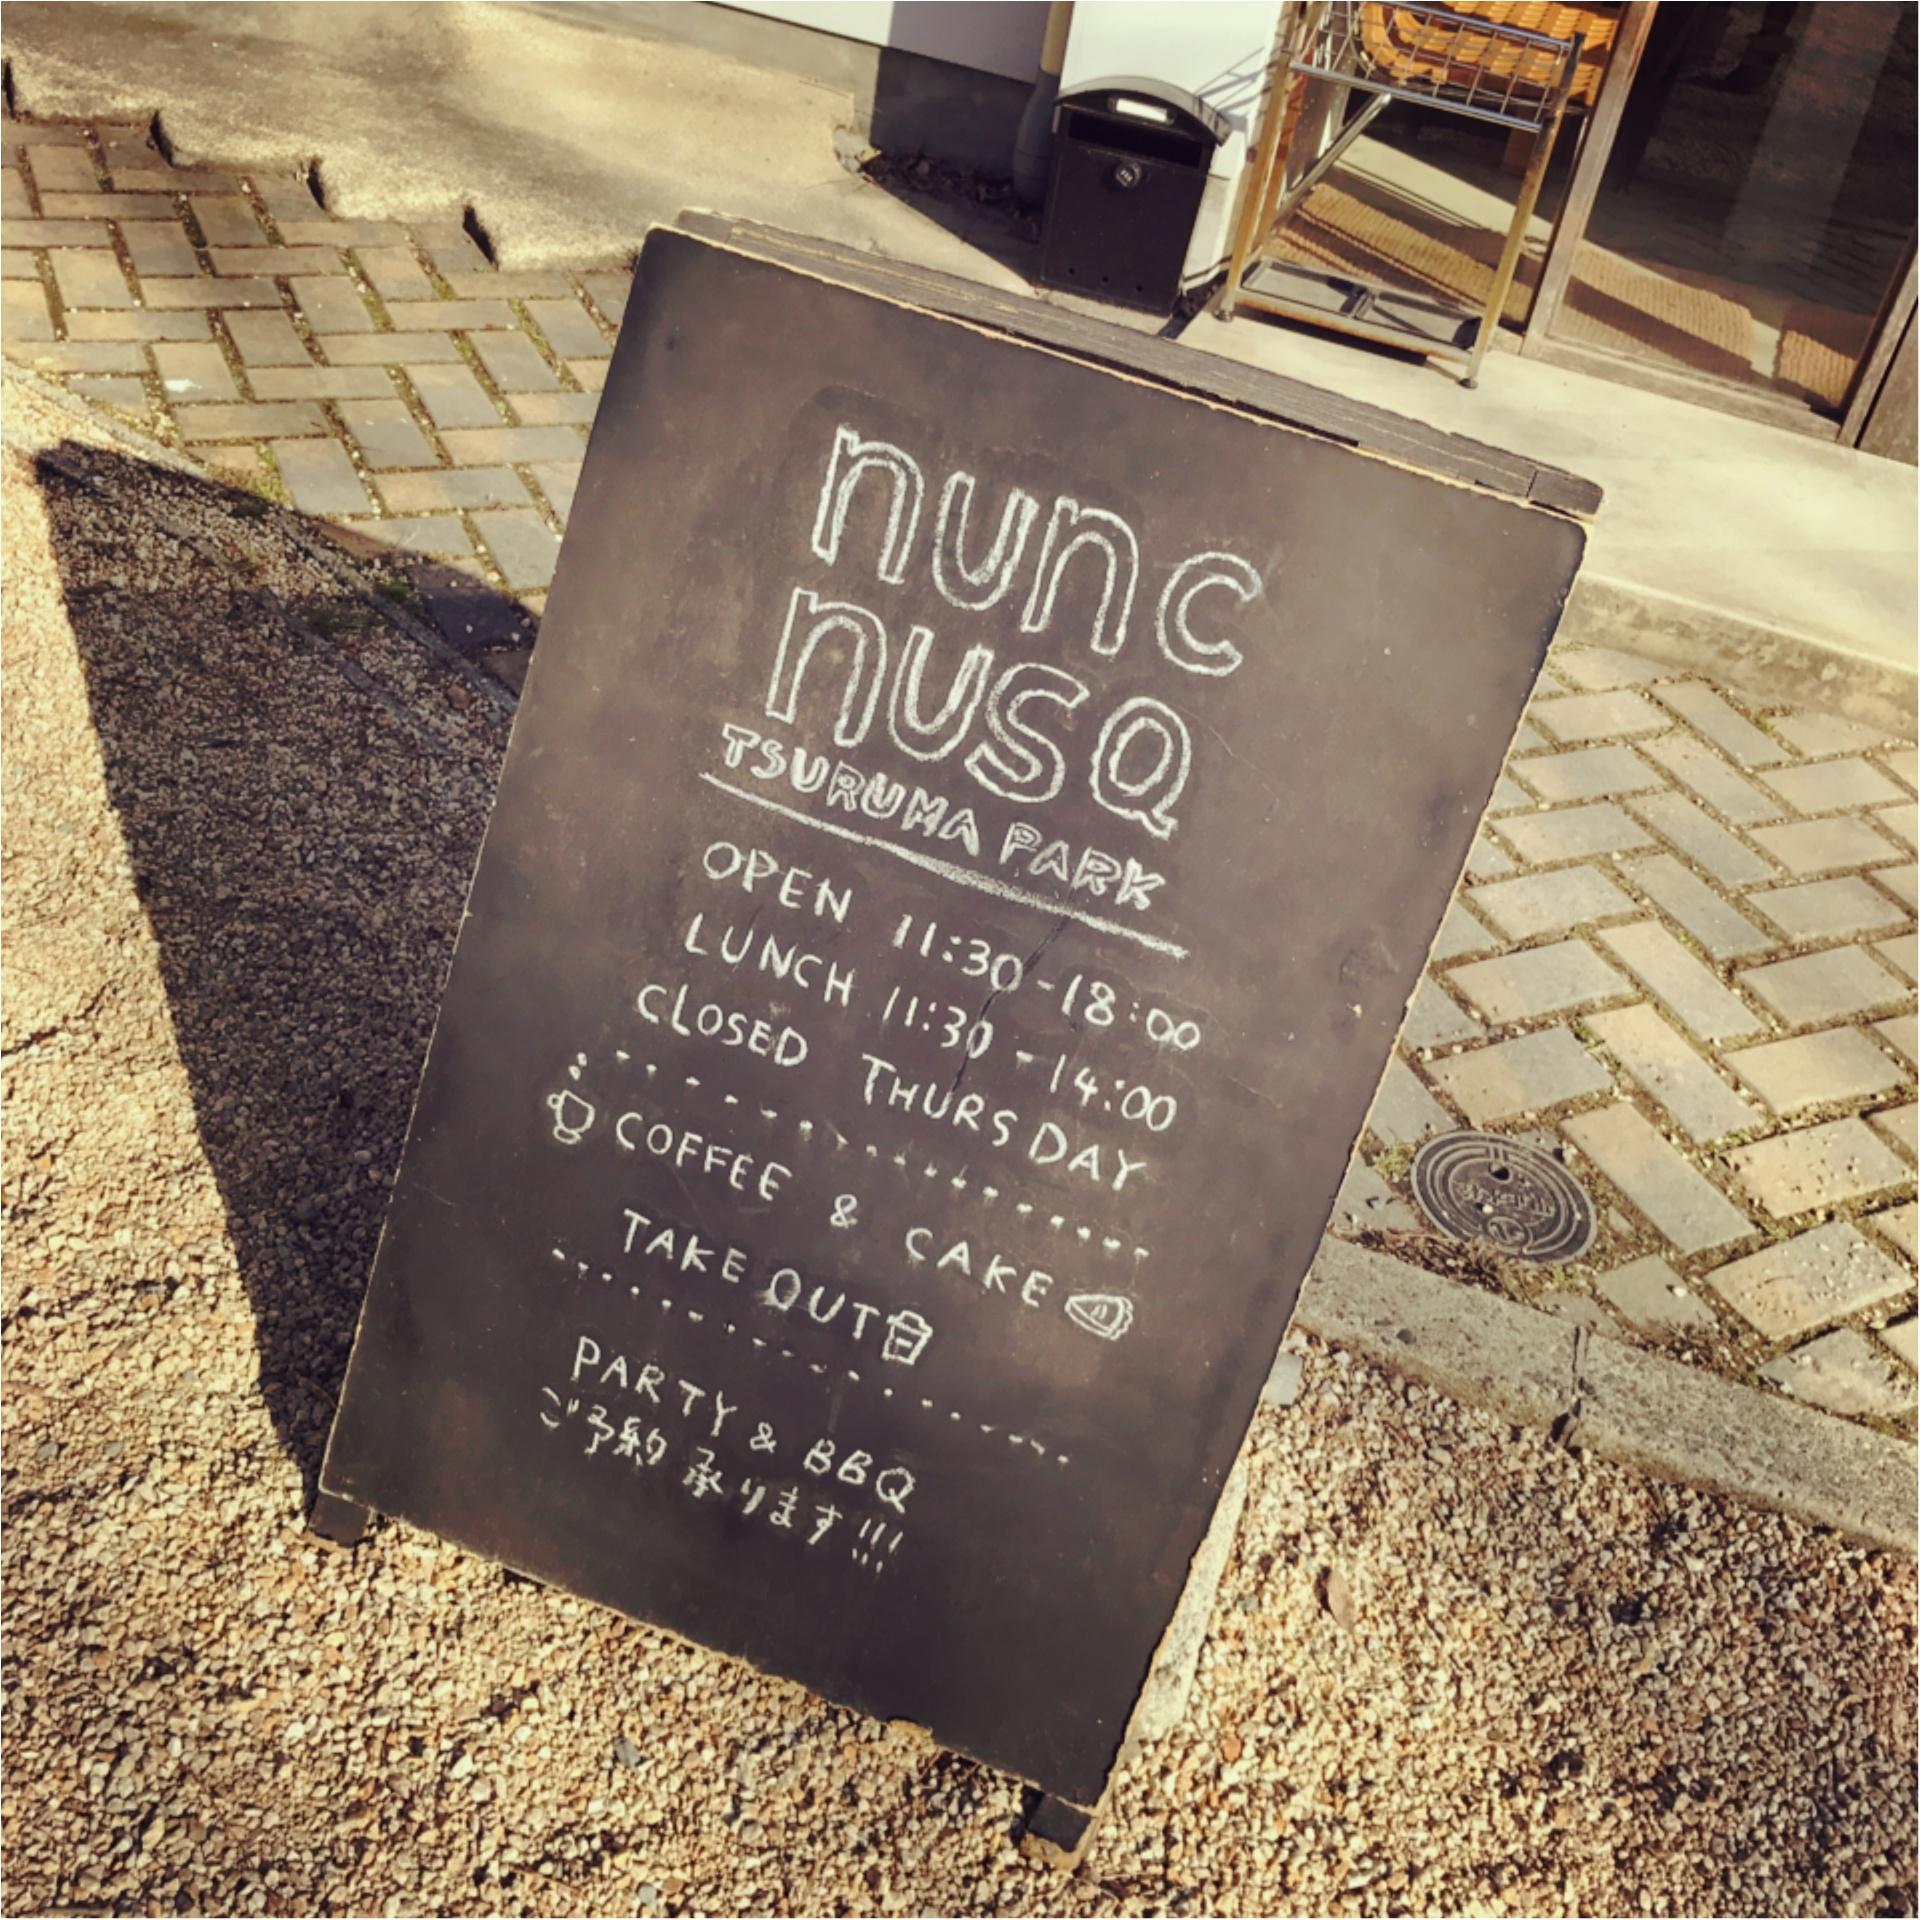 ★雰囲気良しの公園の中の隠れ家カフェ!古民家を改良した『nunc nusq』で穏やかな時間を過ごしてみては?★_2